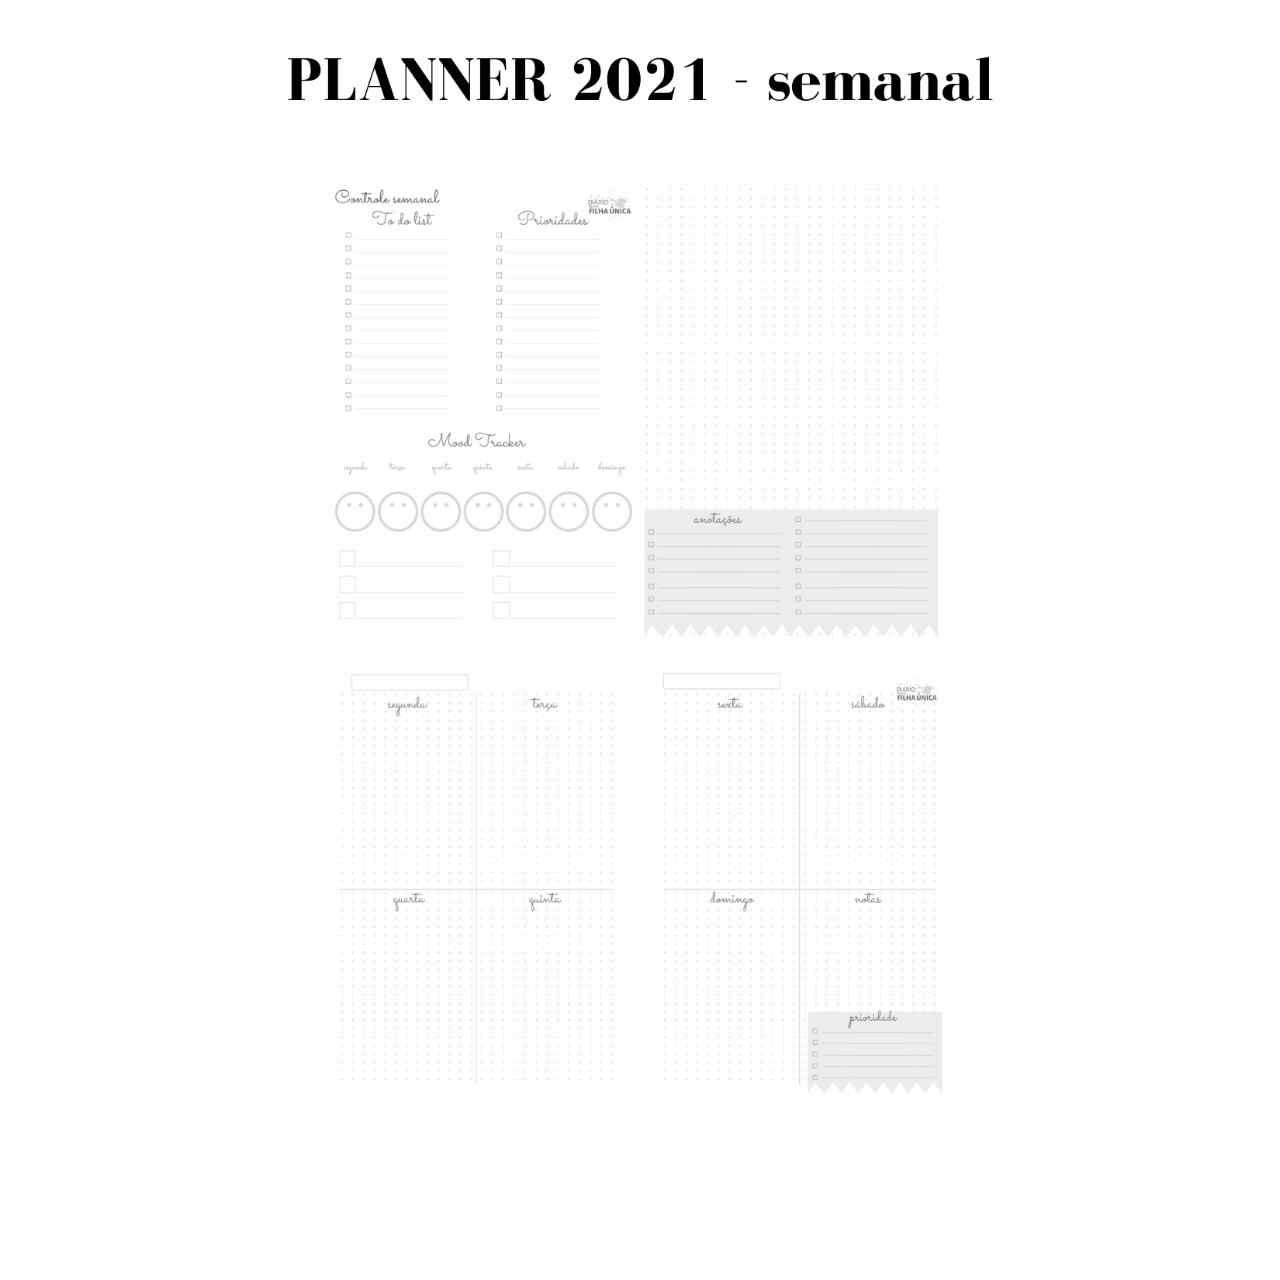 Planner 2021 - Girl Boss